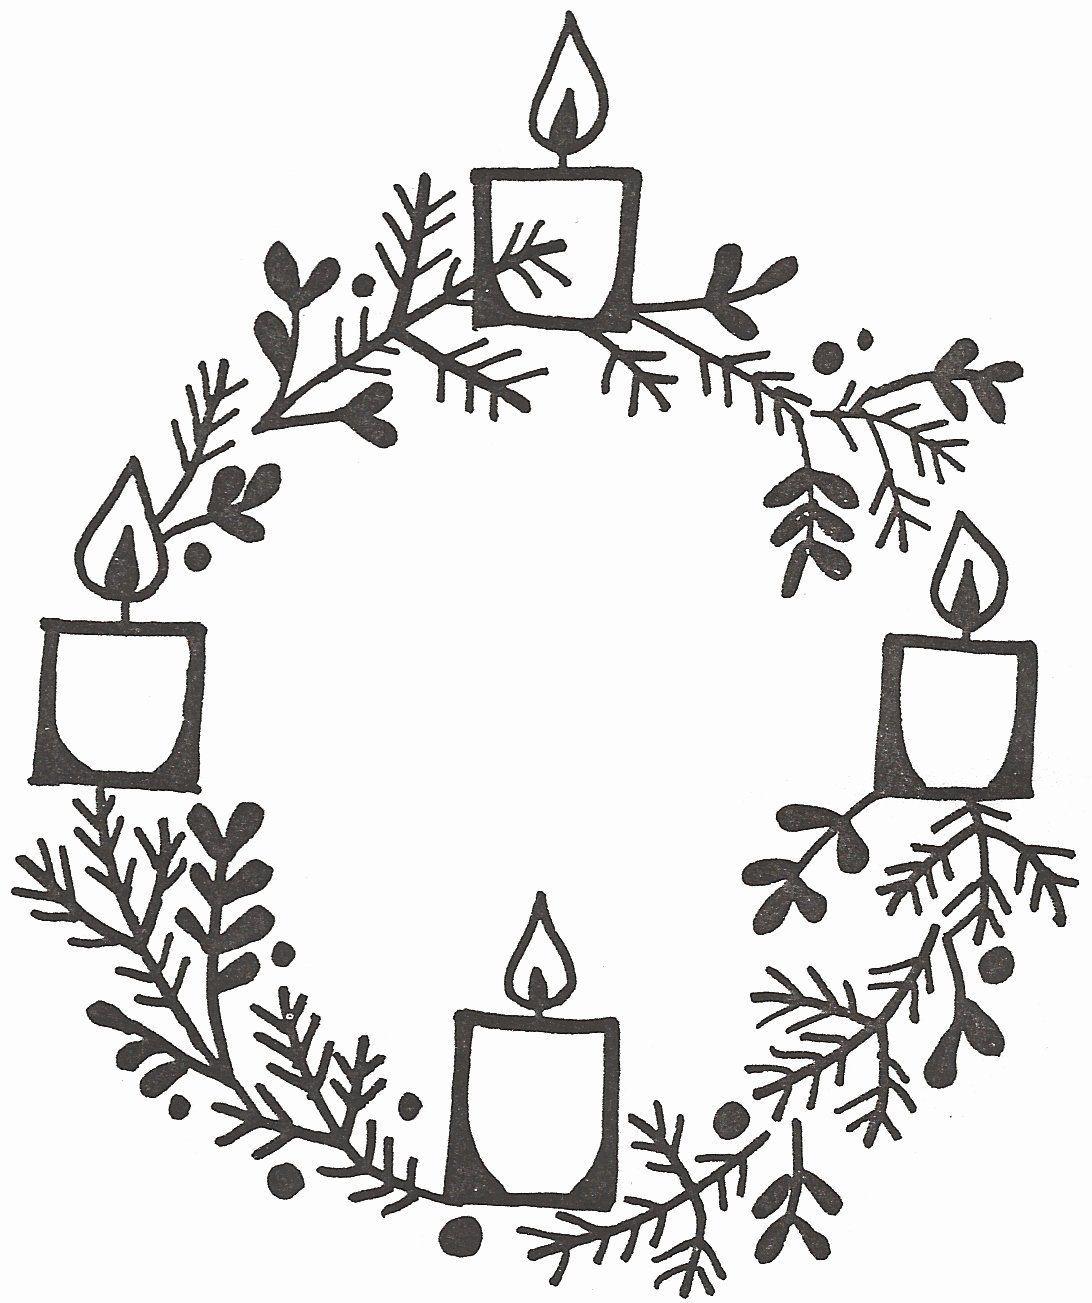 Advent Wreath Coloring Page Catholic Unique A Remedy For The Holidays Advent Coloring Advent Candles Advent Wreath In 2021 Advent Coloring Advent Candles Advent Wreath